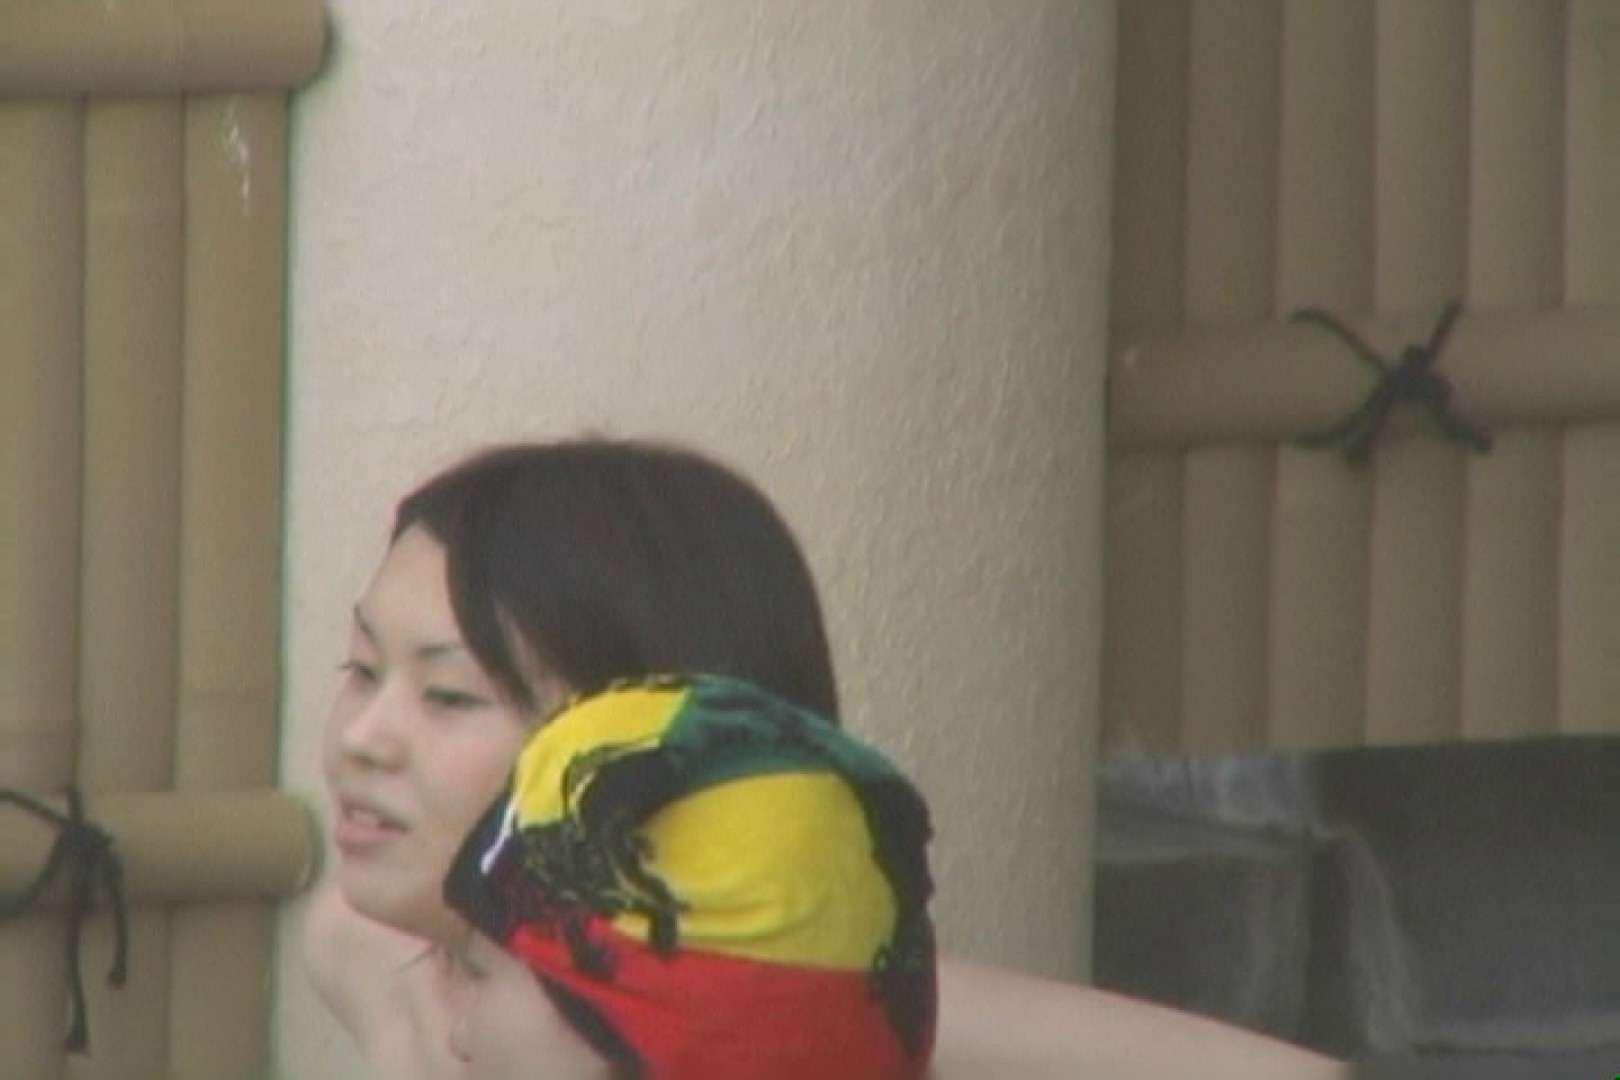 Aquaな露天風呂Vol.61【VIP限定】 女体盗撮 隠し撮りおまんこ動画流出 102連発 83